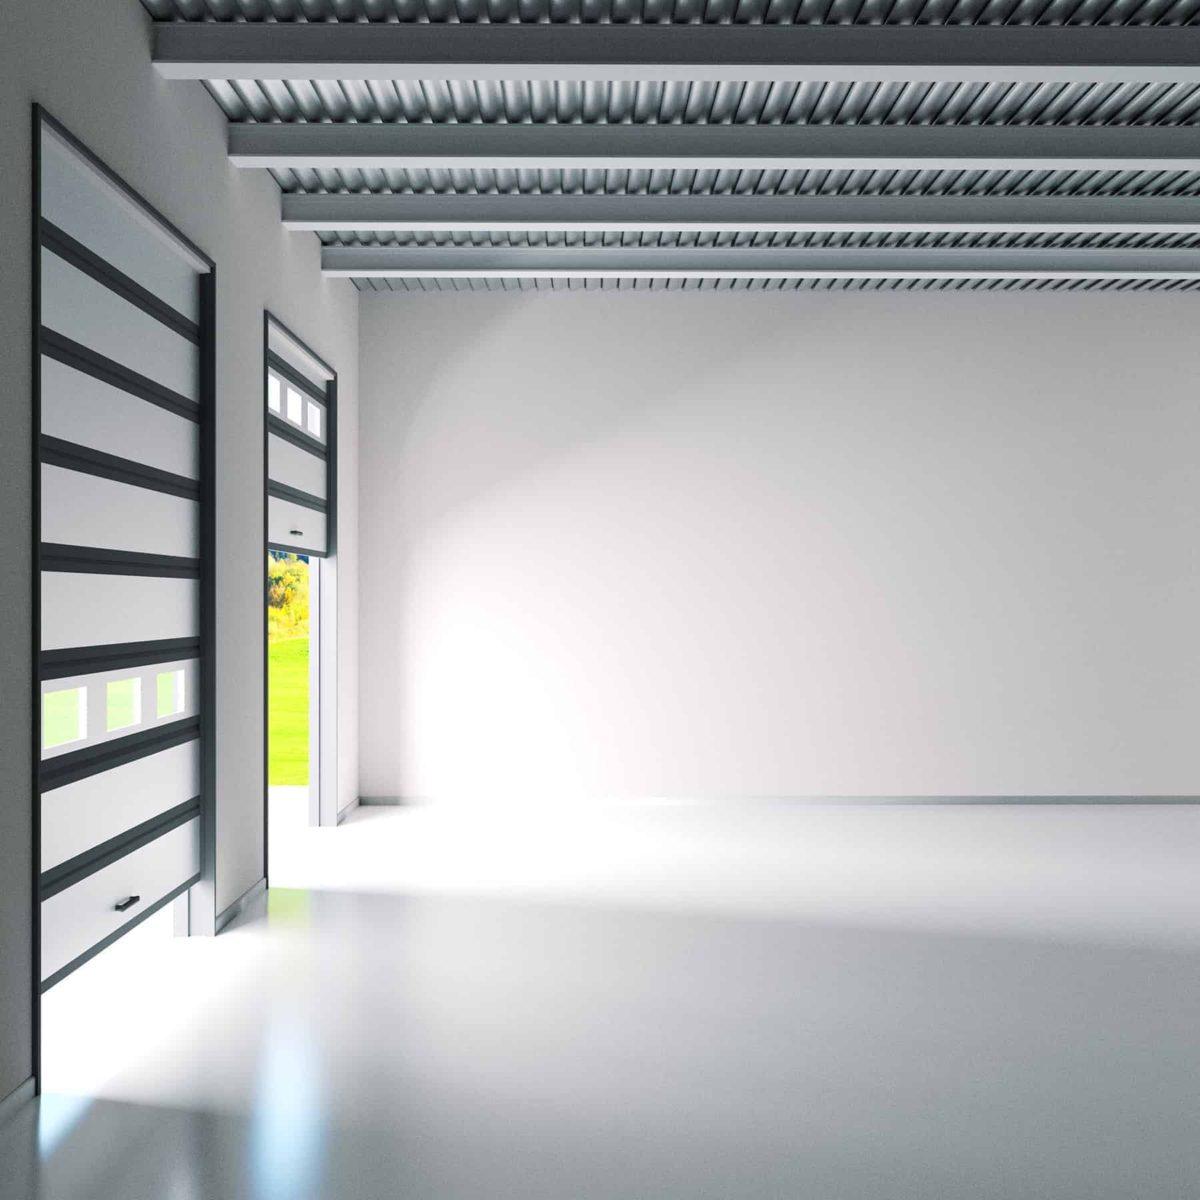 Garaż wolnostojący: drewniany, metalowy, murowany [budowa krok po kroku]